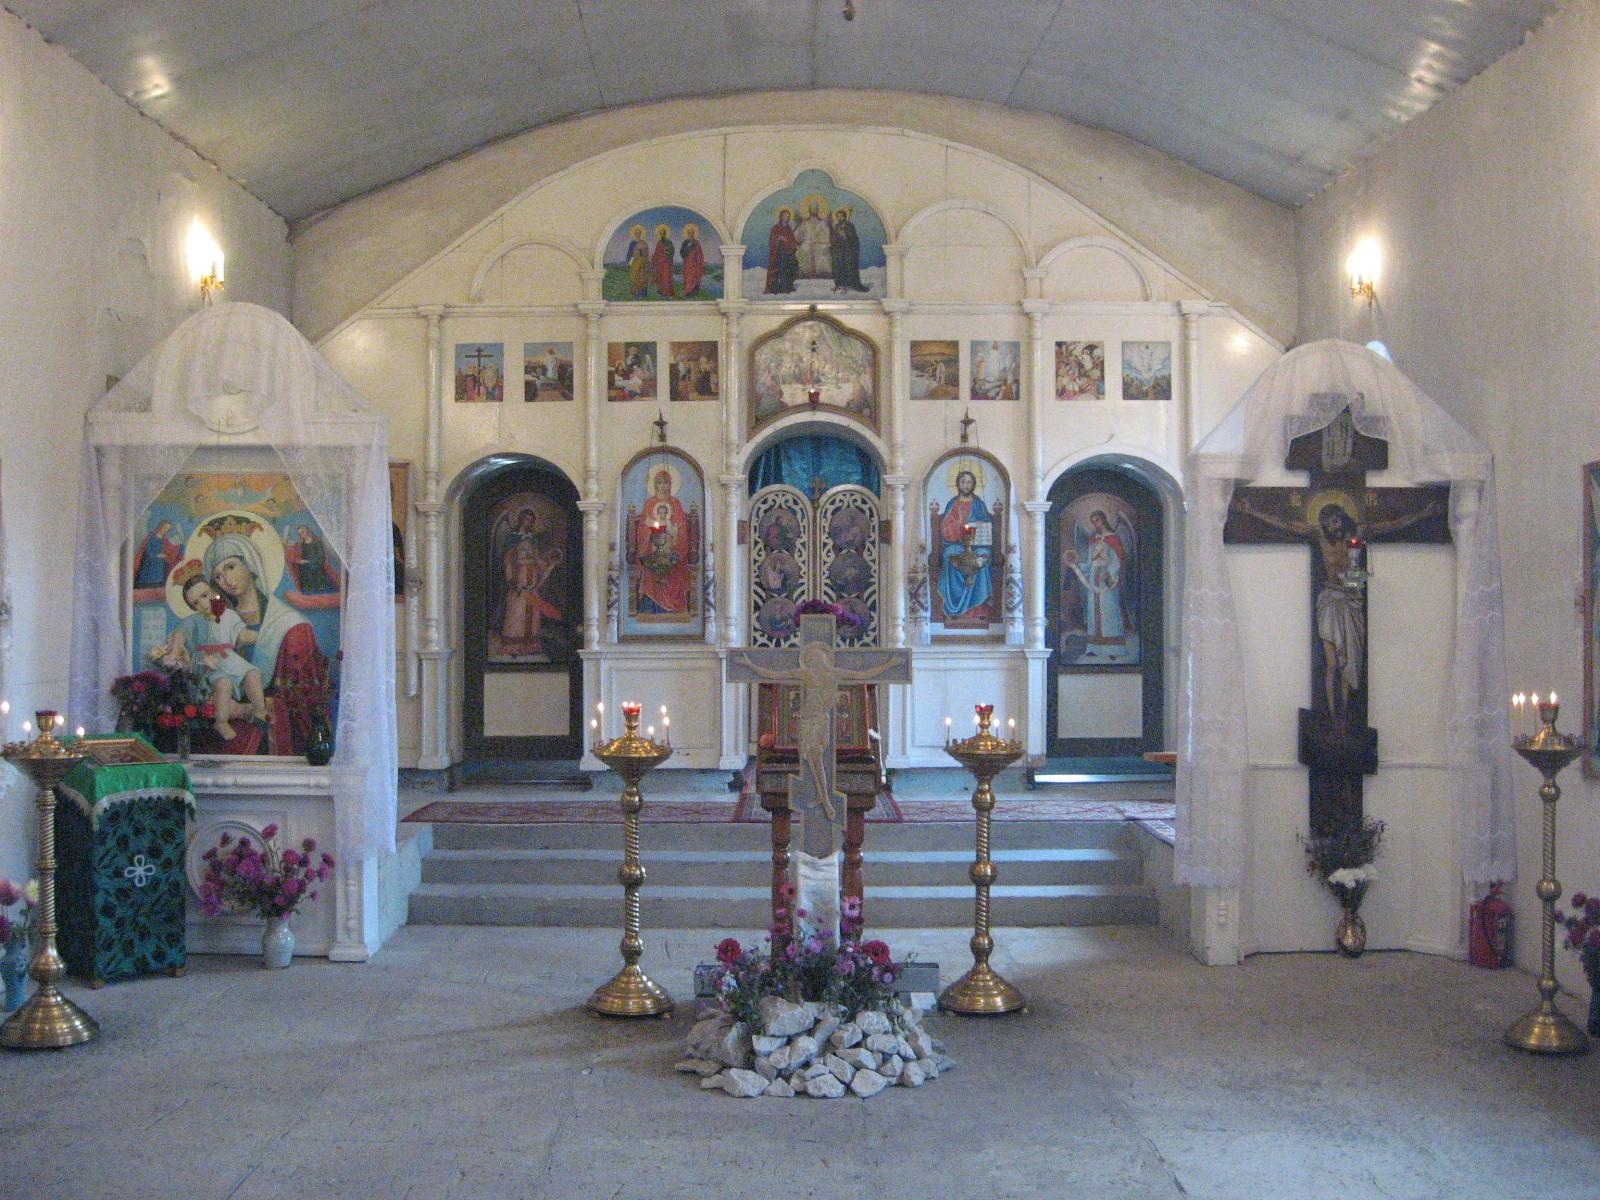 Годовщина по отцу Петру  17 ноября годовщина по отцу Петру Калиновскому, который преставился в 2011 году. В связи с этим 18 ноября в среду состоится поминальная служба. Приглашаем помолиться всех желающих. Подробнее